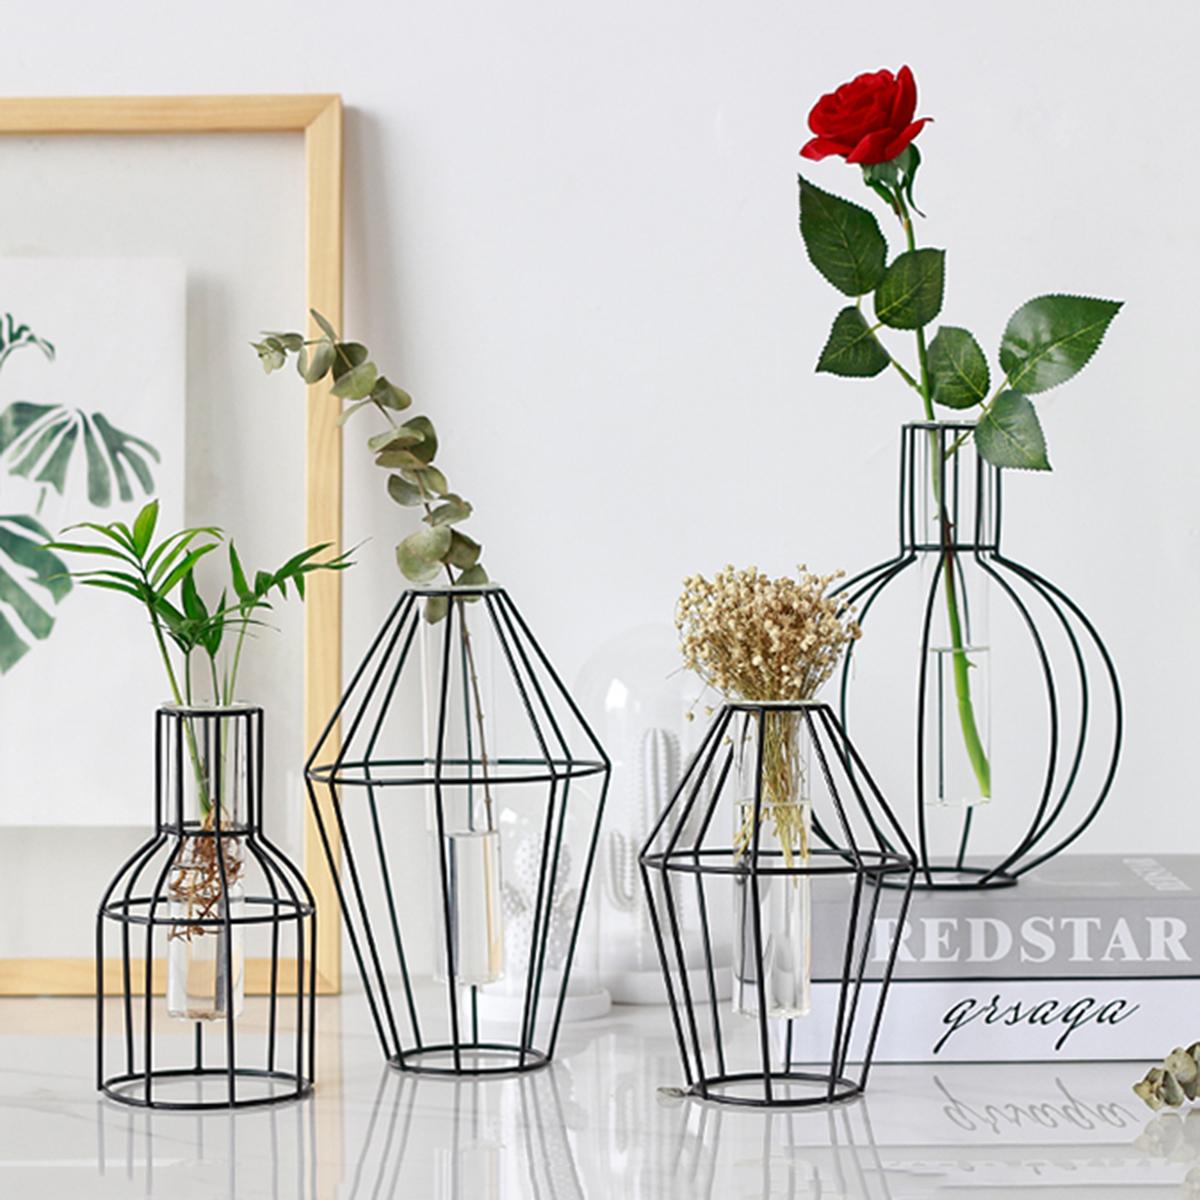 3D Nordic Metal Ваза Стекло Трубка Гидропоника Растение Контейнер Украшения Home Decor